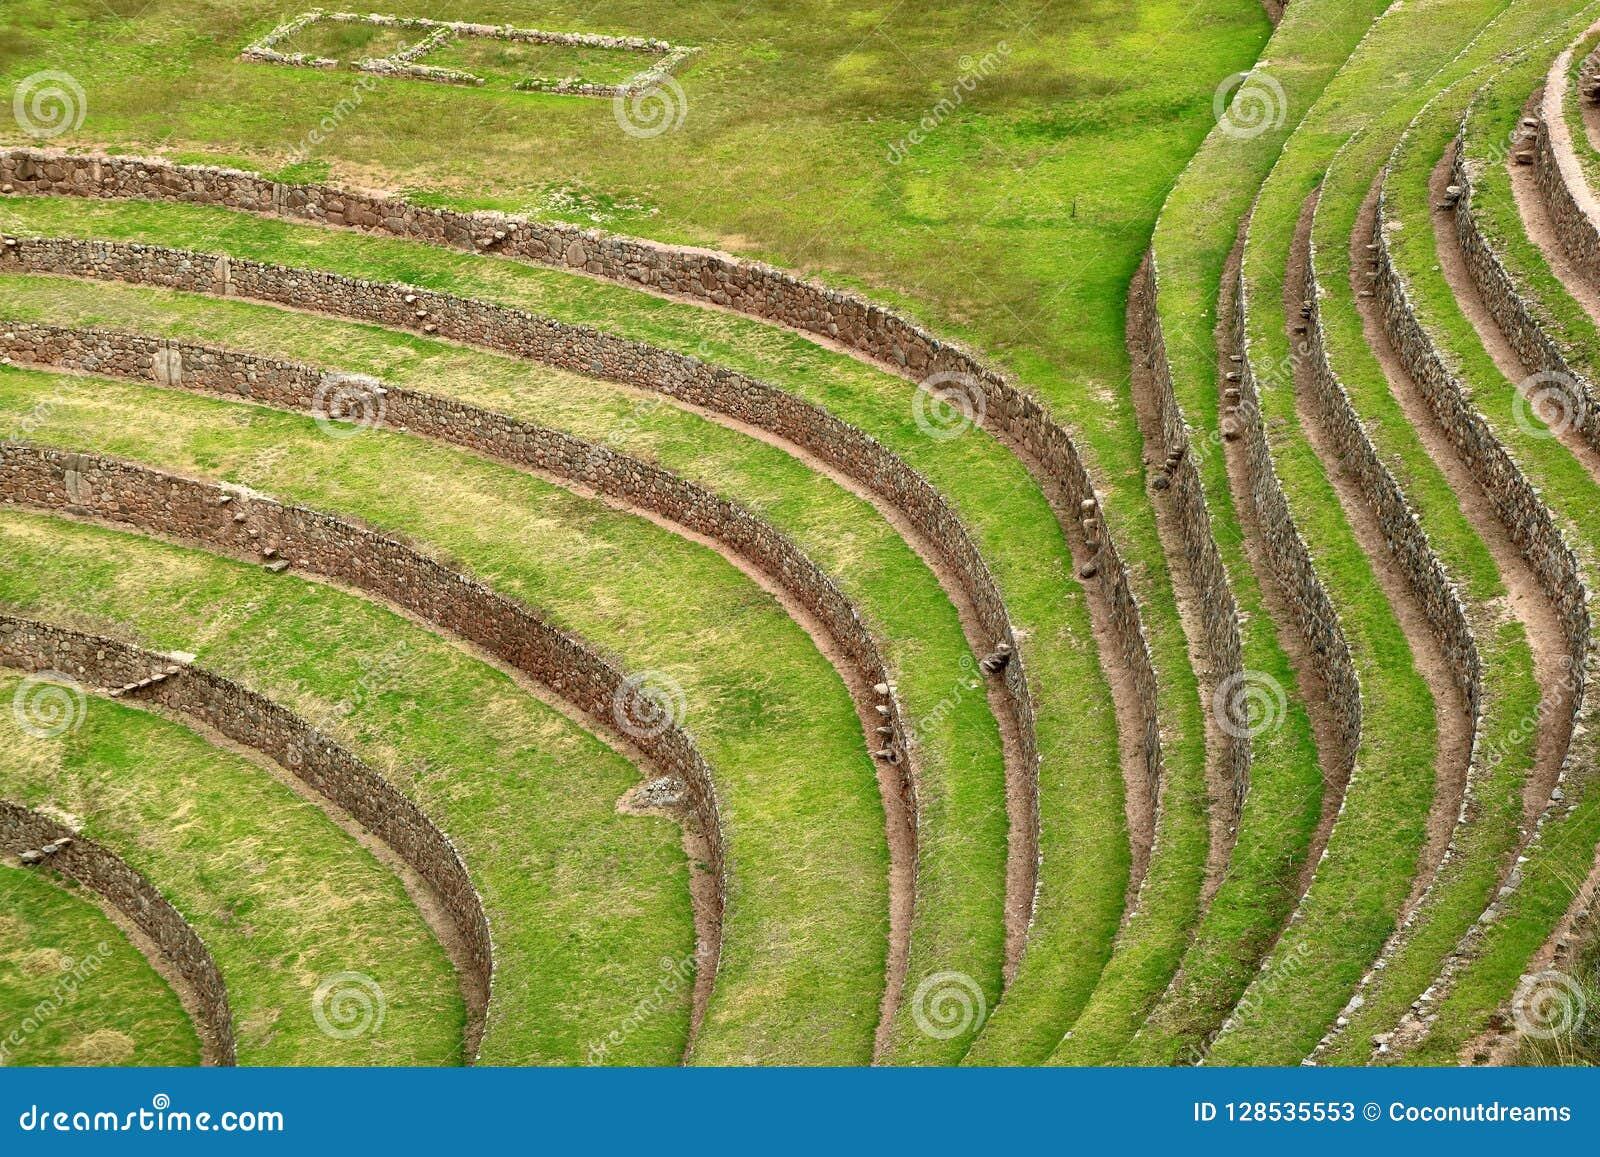 Schöne Linien von landwirtschaftlichen Terrasseninkaruinen von Moray Archaeological-Standort, heiliges Tal der Inkas, Cusco-Regio